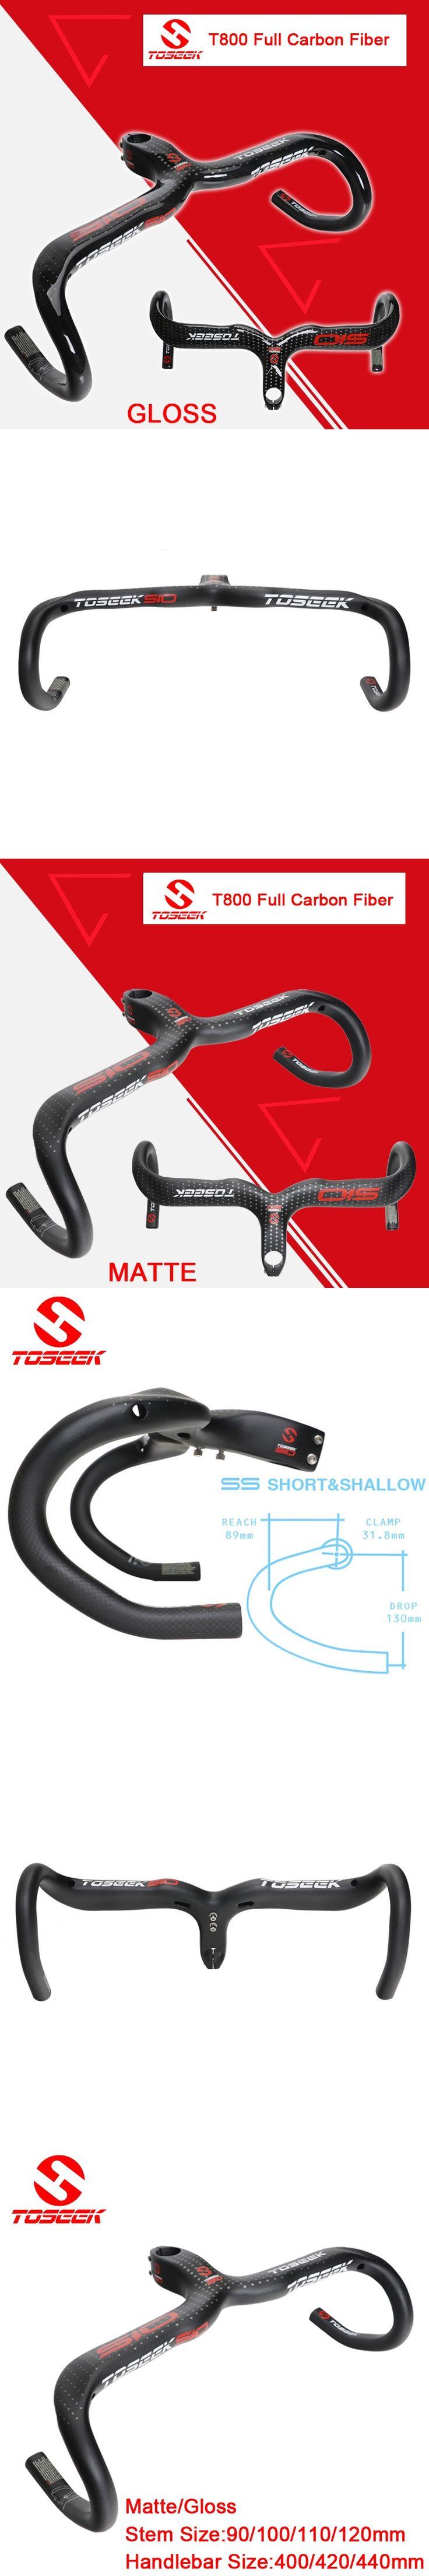 TOSEEK full carbon fiber handlebar road bike bent bar manillar integrado del manillar de la bicicleta Brillante/mate bike parts